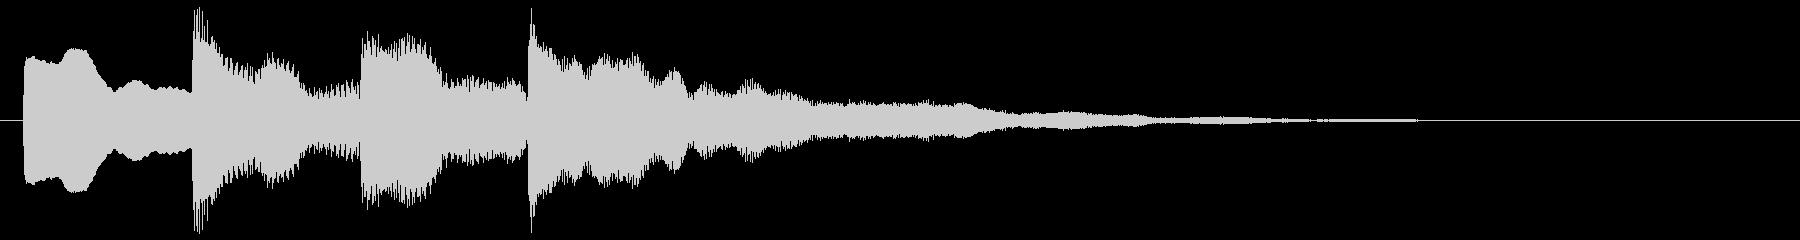 アナウンス(ピンポンパンポーン)2の未再生の波形